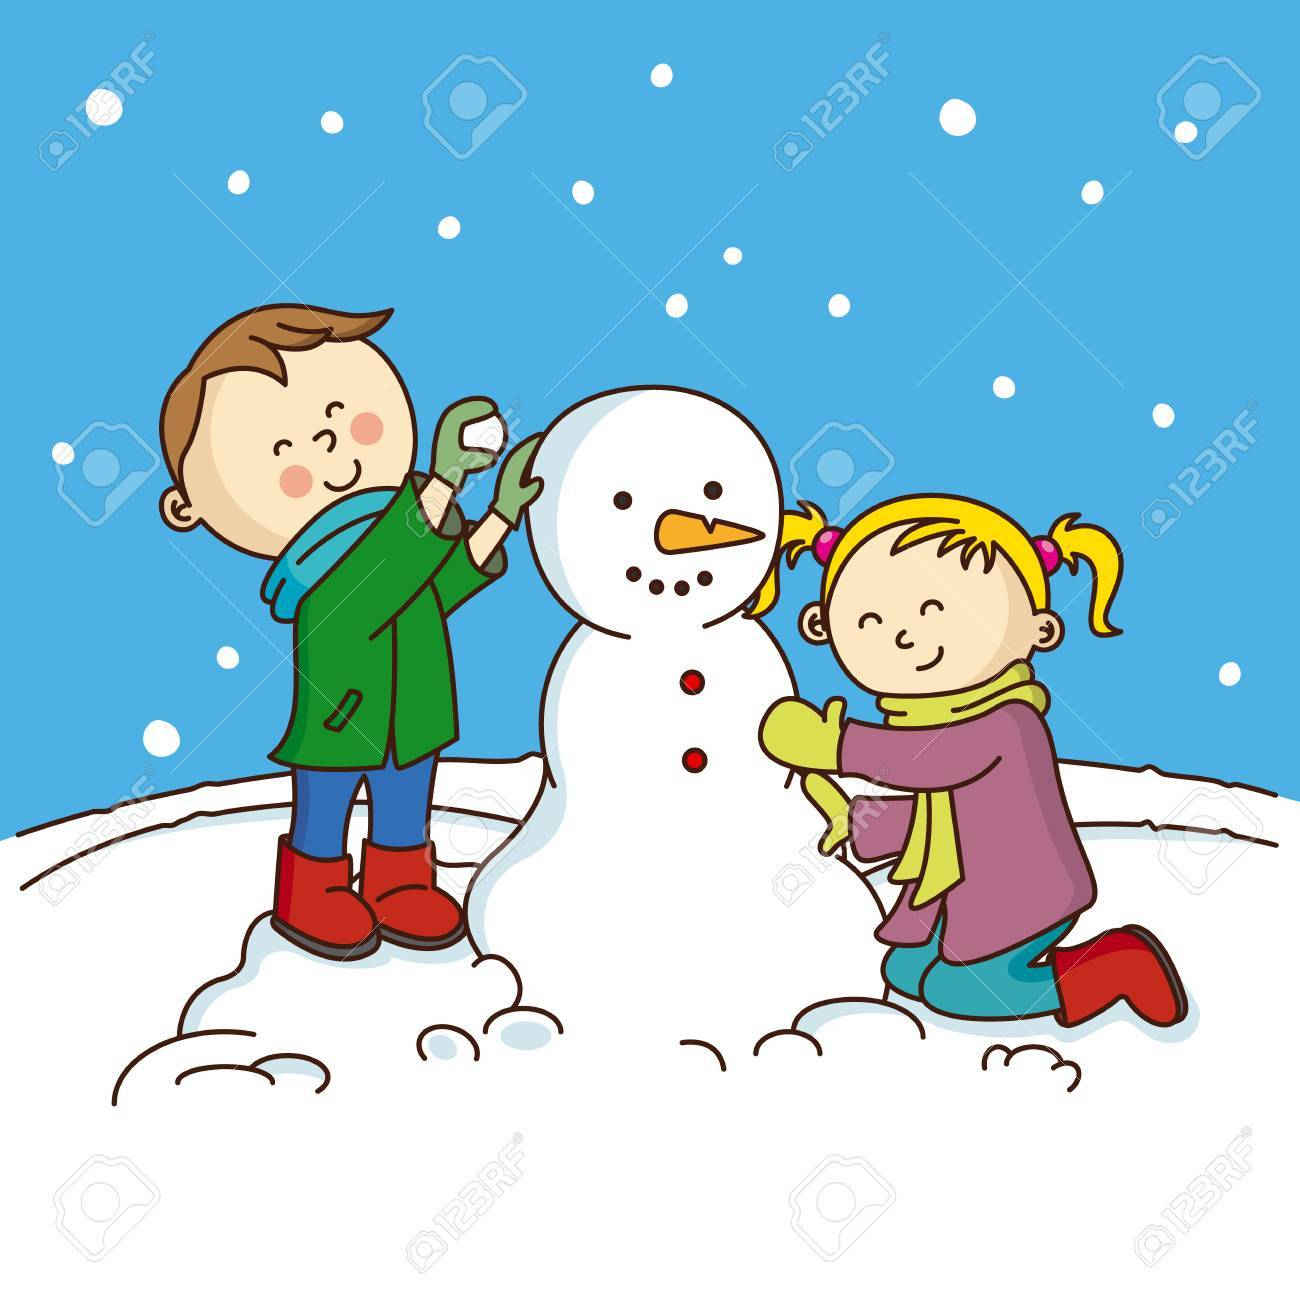 Niños Haciendo Un Muñeco De Nieve Ilustraciones Vectoriales Clip Art Vectorizado Libre De Derechos Image 48595630